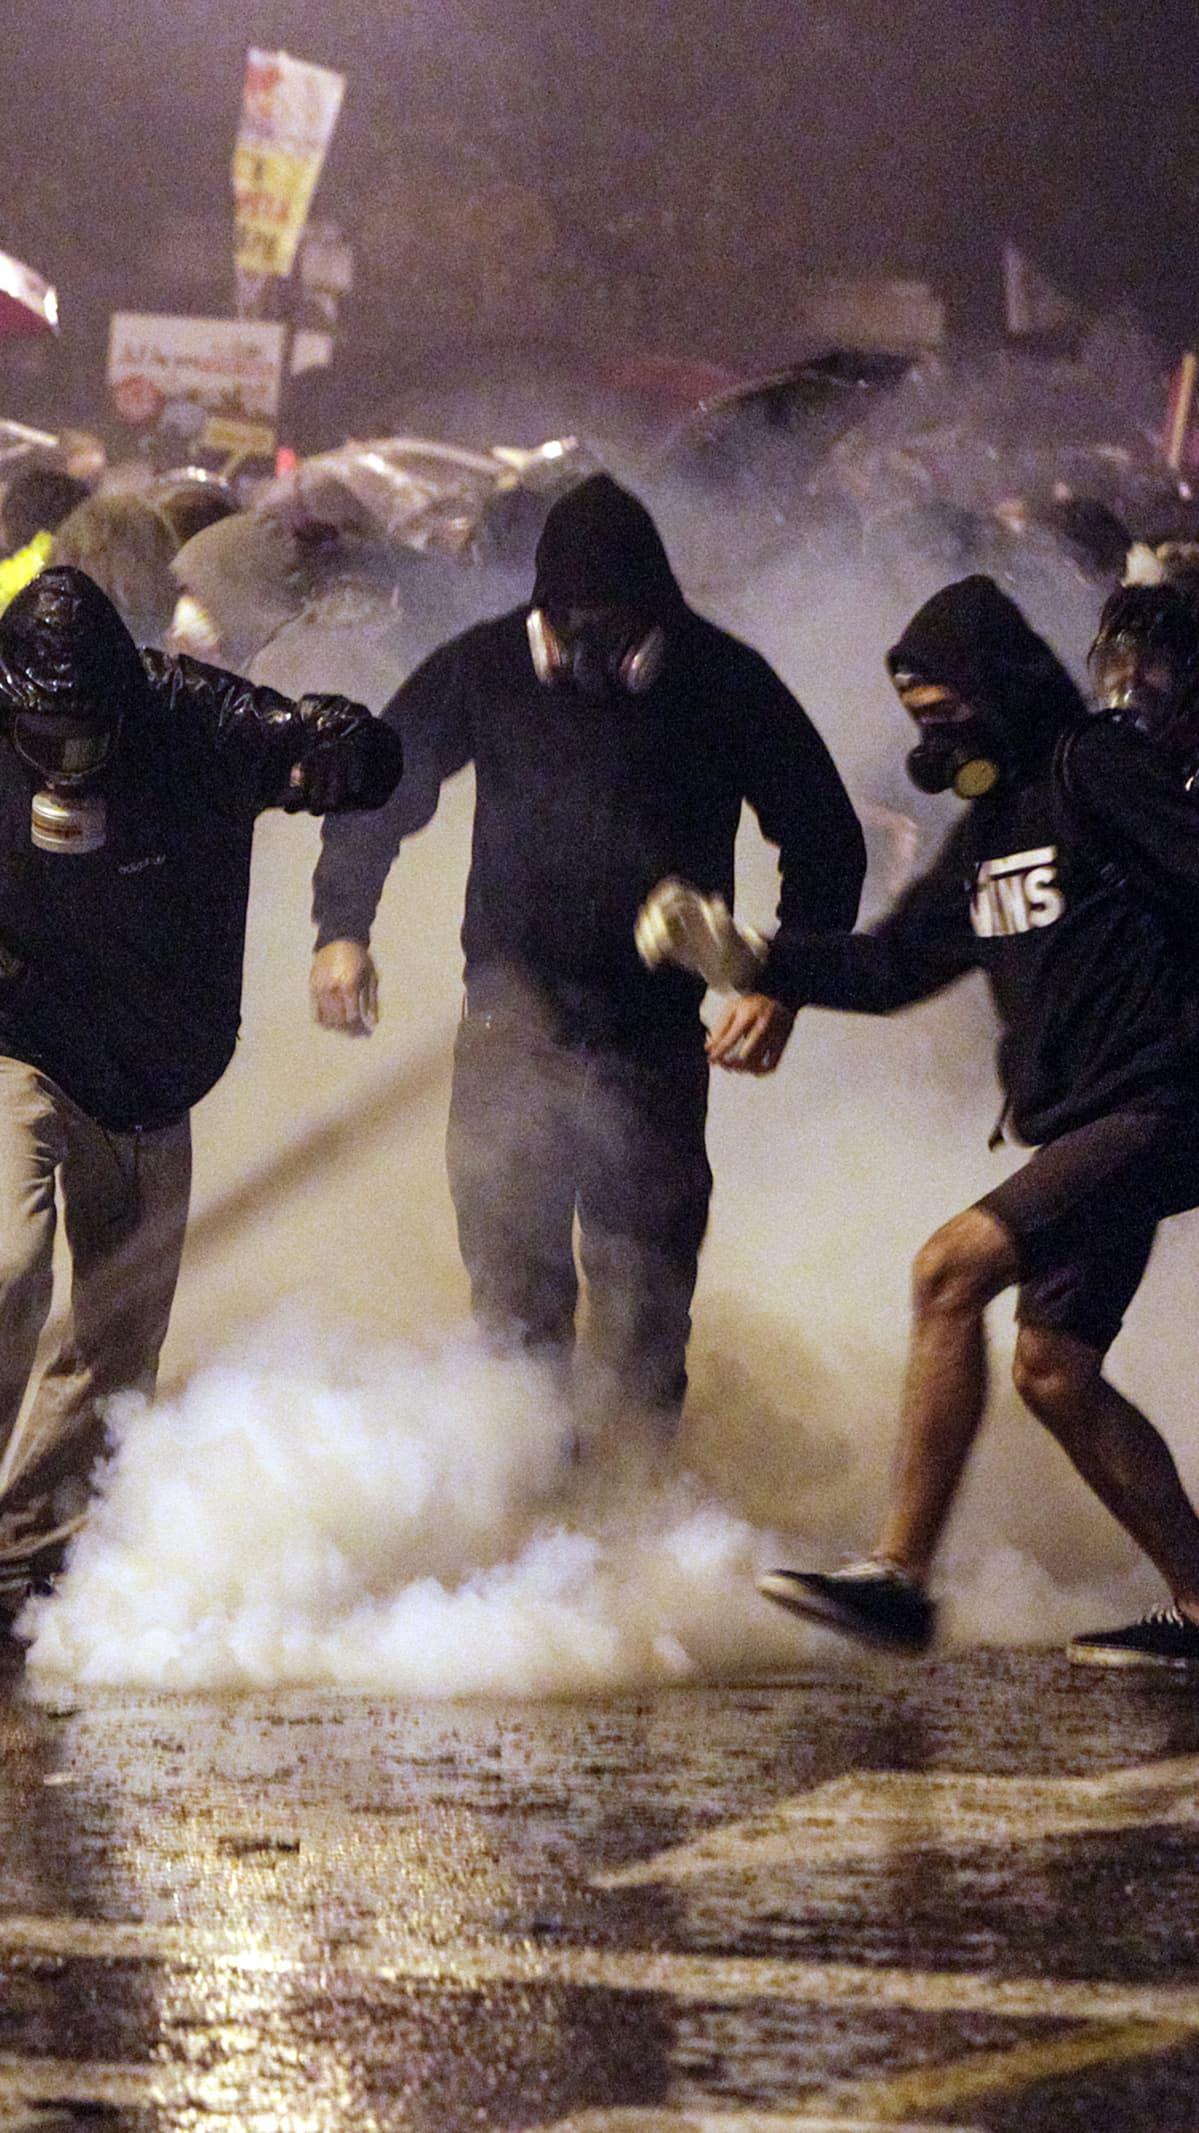 Kreikan säästötoimia vastustavat protestoijat väistelevät kyynelkaasua parlamenttirakennuksen edessä Ateenassa, Kreikassa 7.11.2012.